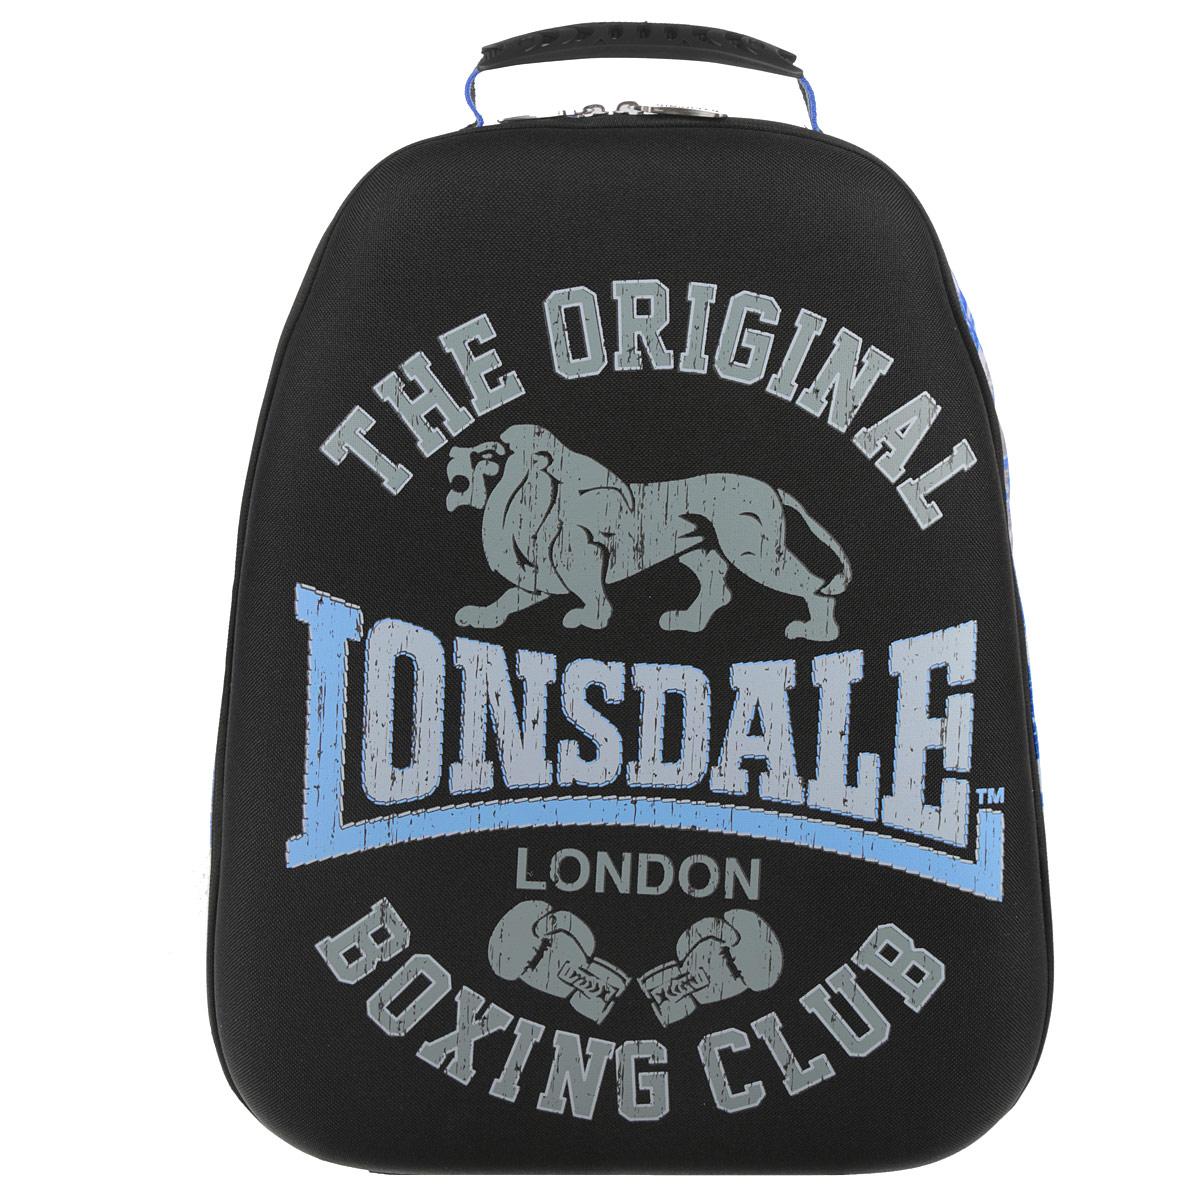 Рюкзак молодежный Lonsdale, цвет: черный, серый, голубой. LSCB-UT1-E150LSCB-UT1-E150Стильный и молодежный рюкзак Lonsdale сочетает в себе современный дизайн, функциональность и долговечность. Выполнен из прочных материалов и оформлен изображением льва.Содержит изделие одно вместительное отделение на застежке-молнии с двумя бегунками. Внутри отделения находятся: открытый карман-сетка, карман-сетка на молнии, две мягкие перегородки и отделение для мобильного телефона. Фронтальная панель рюкзака выполнена из EVA, благодаря чему рюкзак не деформируется. Мягкие широкие лямки регулируются по длине. Рюкзак оснащен эргономичной ручкой для удобной переноски в руке. Этот рюкзак можно использовать для повседневных прогулок, отдыха и спорта, а также как элемент вашего имиджа.Рекомендуемый возраст: от 12 лет.